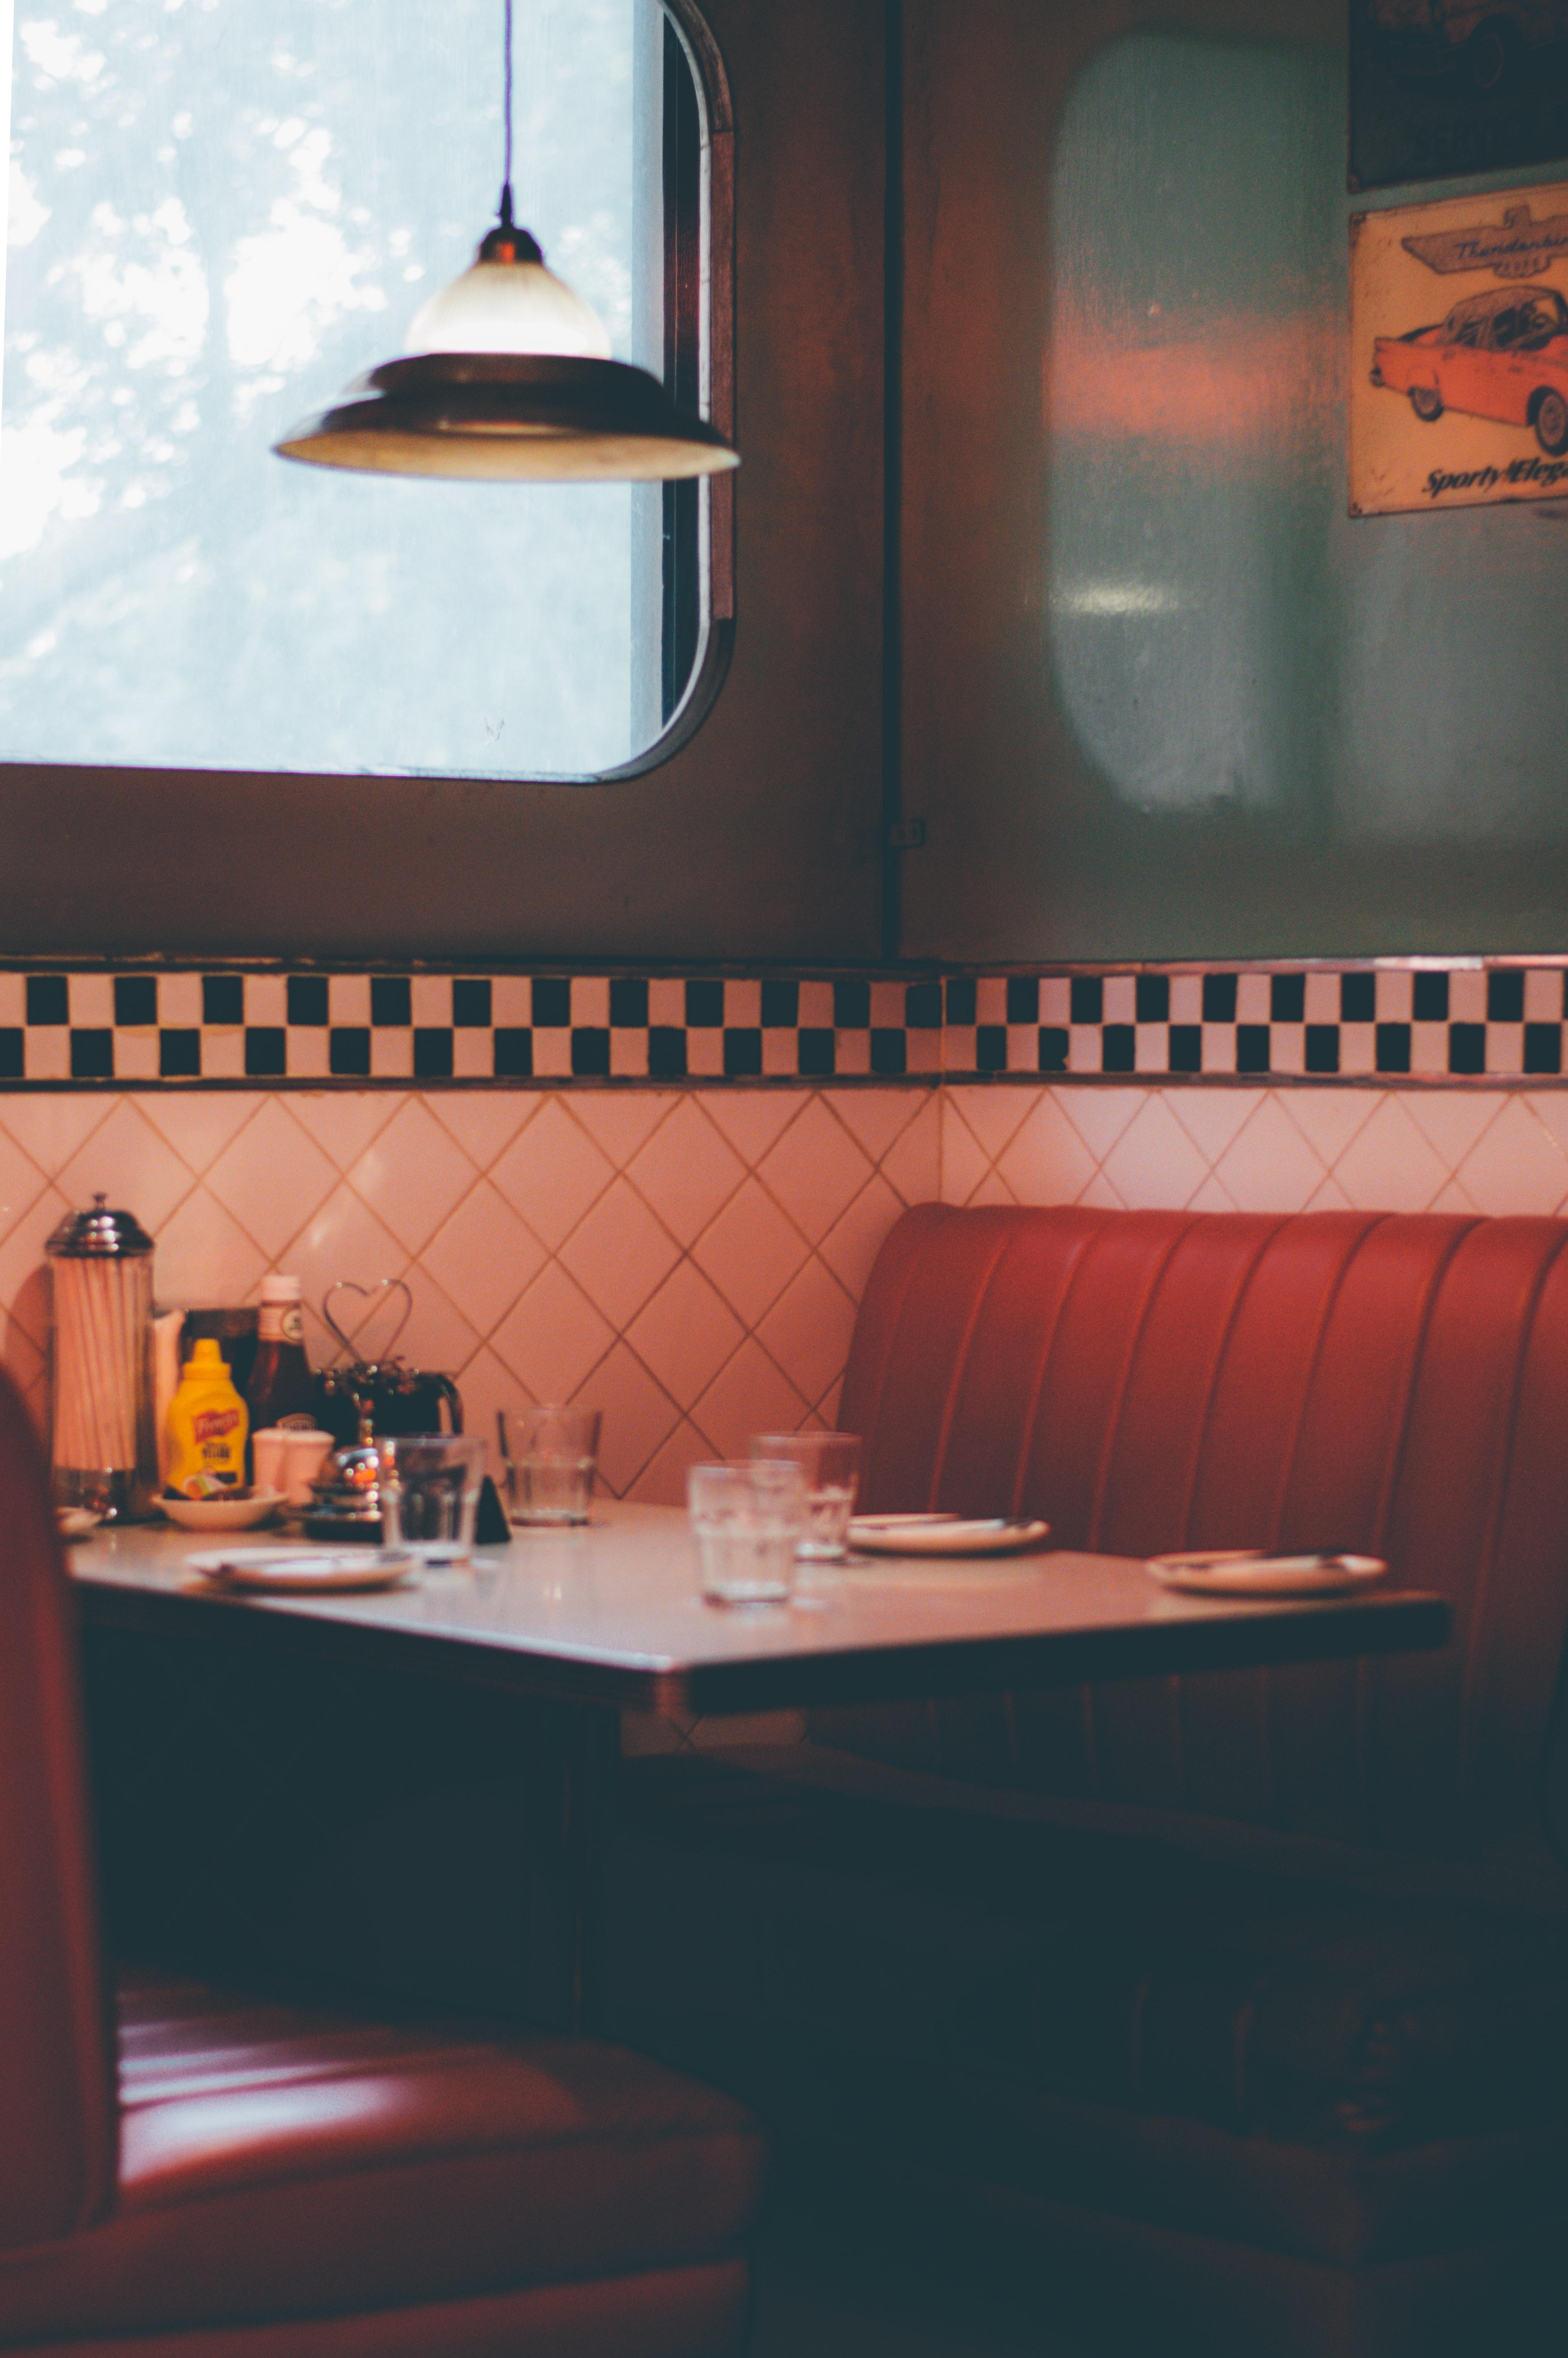 Vintage Diner Pictures Download Free Images On Unsplash